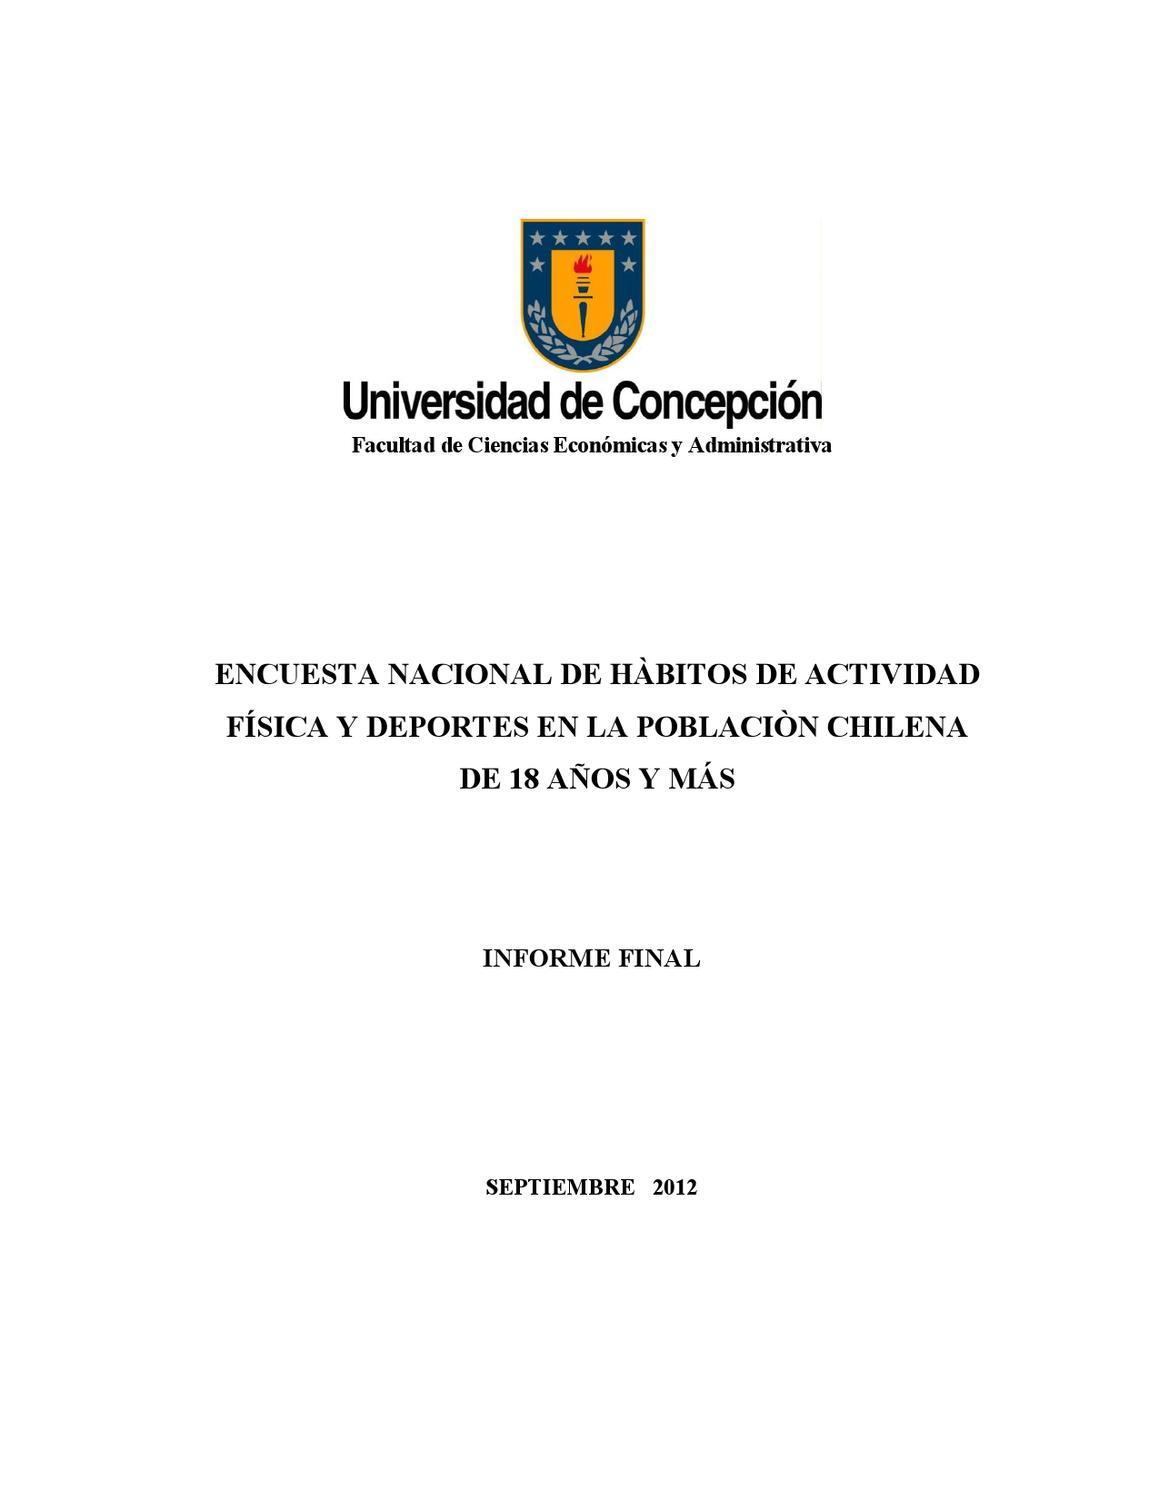 Encuesta Nacional de Hábitos de Actividad Física y Deportes 2012 by ...